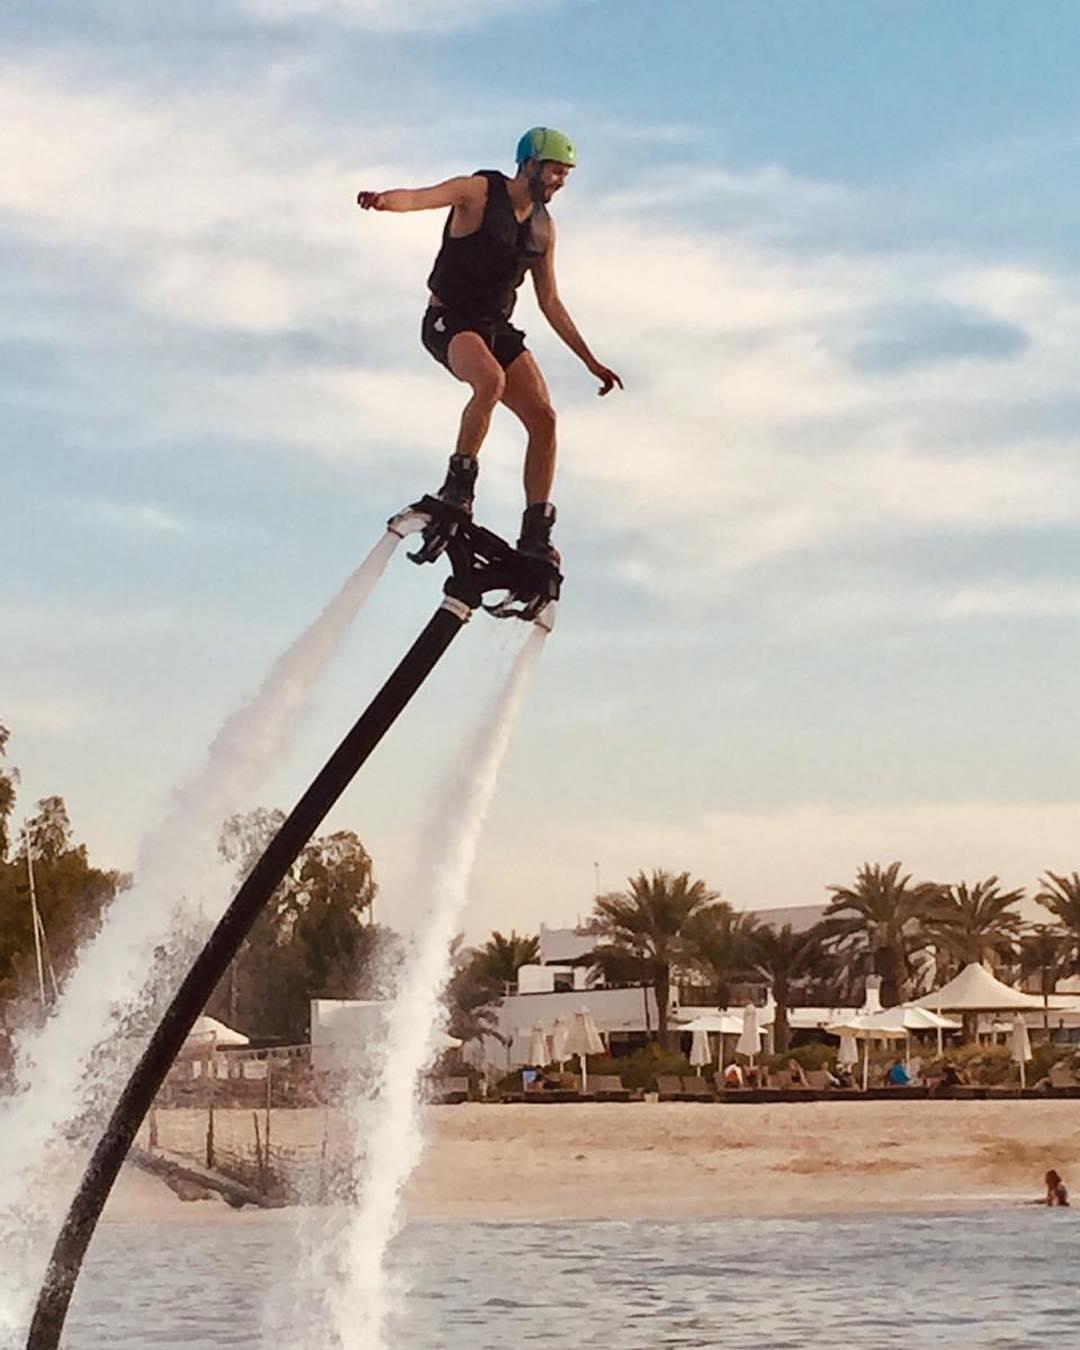 flyboarding dubai